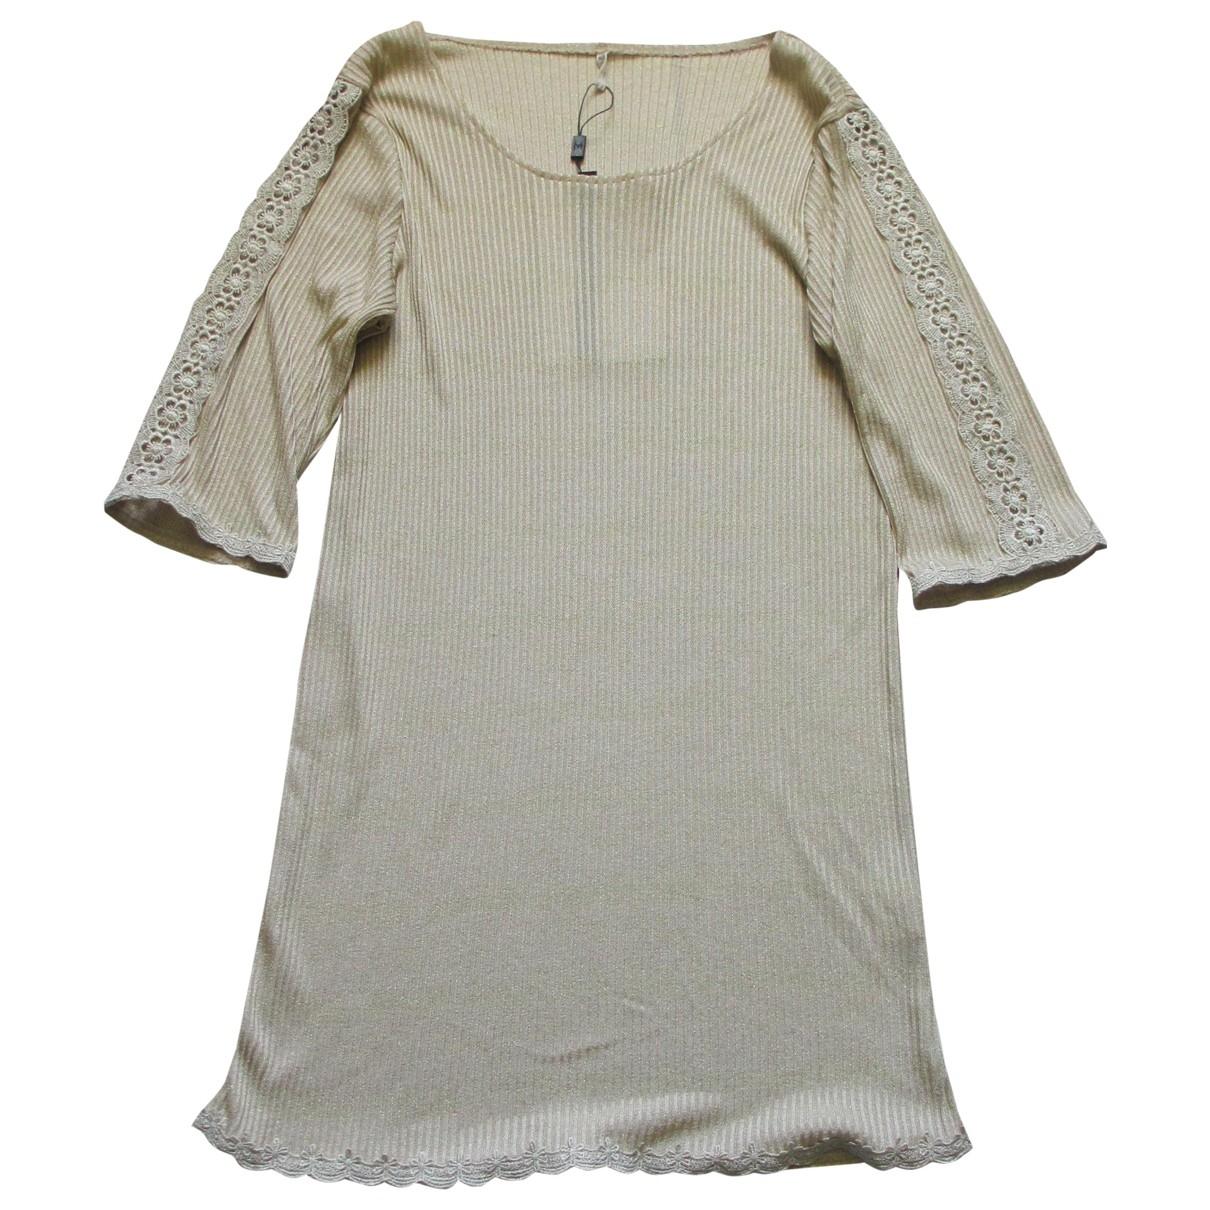 Spell Design \N Gold dress for Women L International